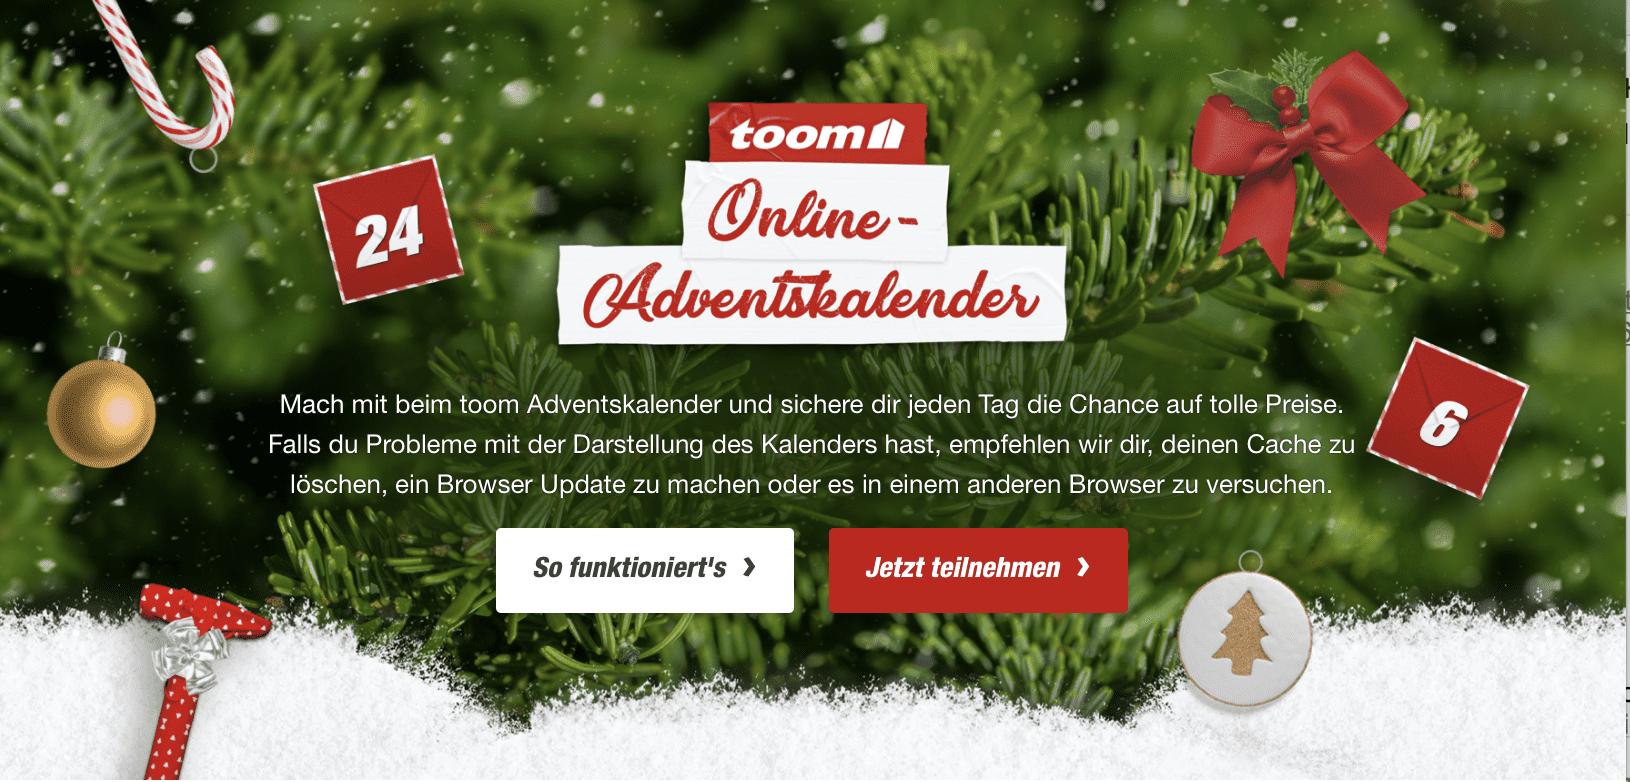 toom Online Cases Adventskalender-Gewinnspiel